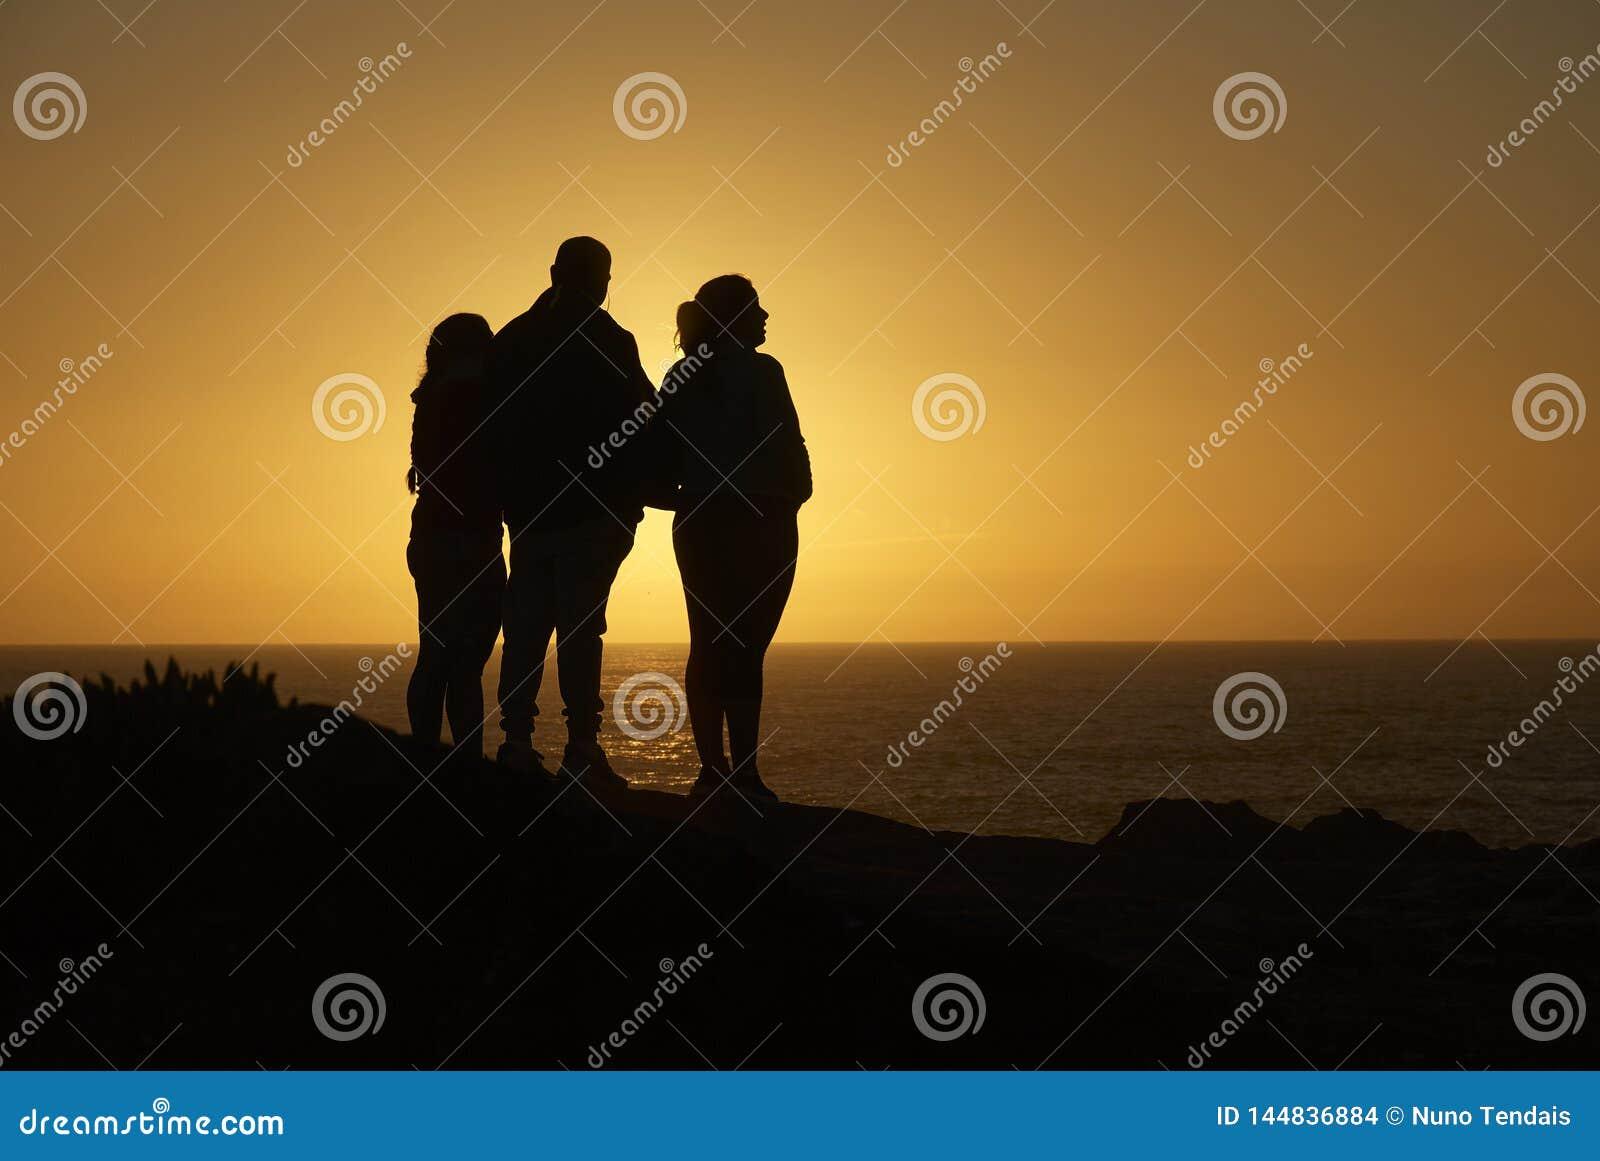 Silhouette de famille donnant sur l océan